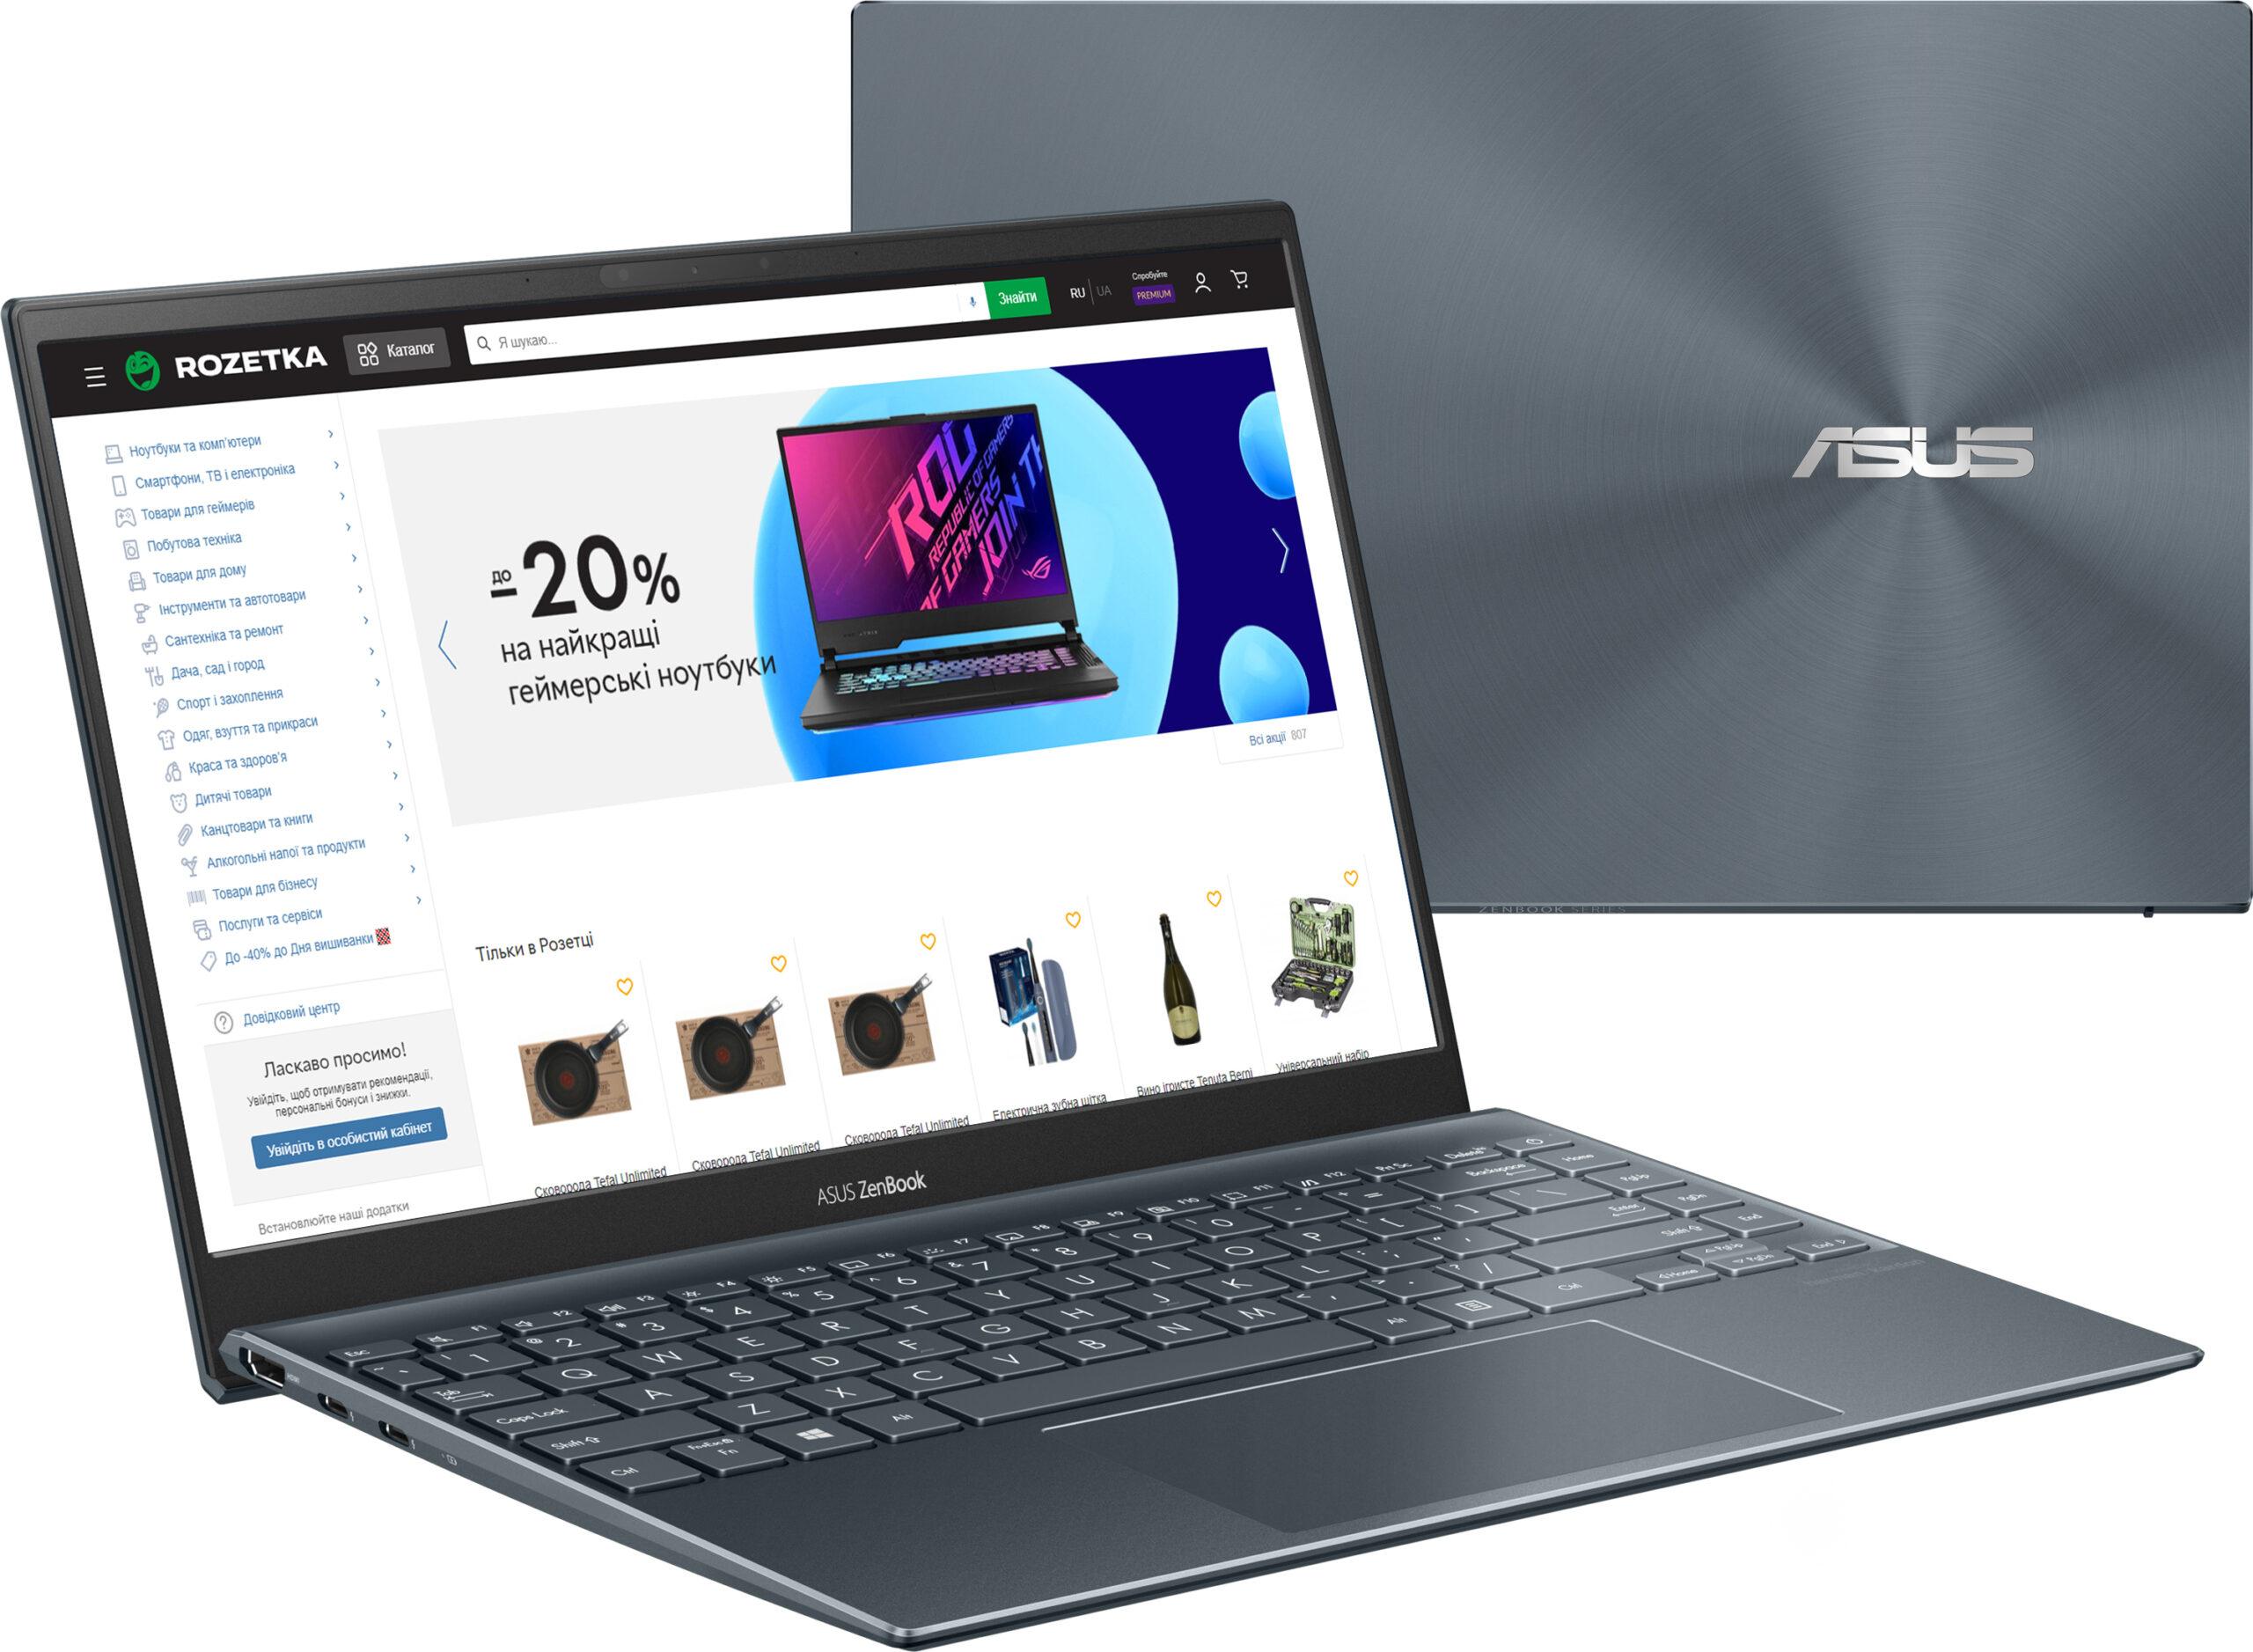 Фото работающего лэптопа